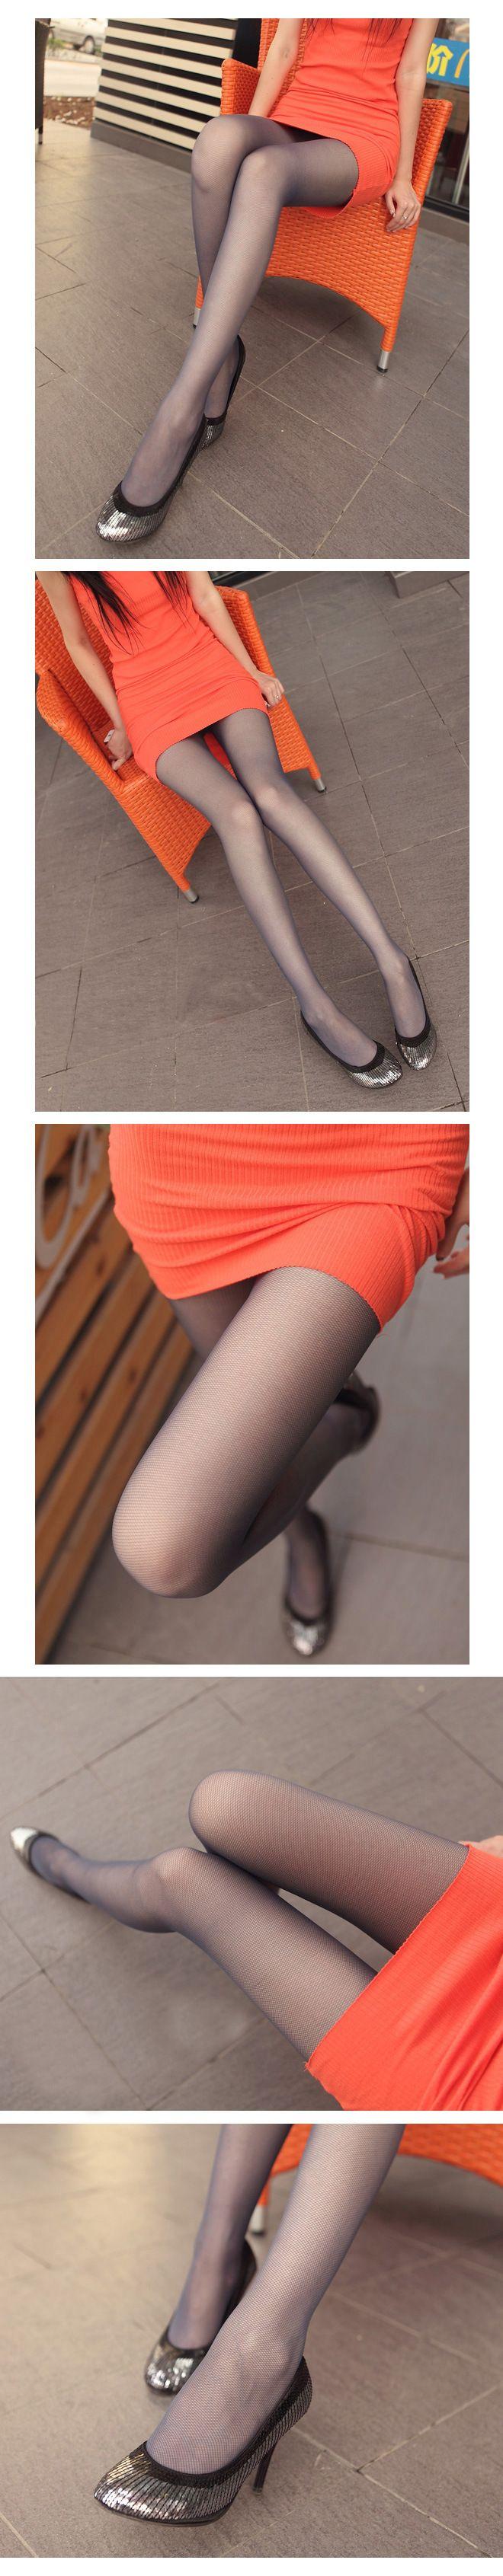 Японский микро сетки давления сетки чулки ажурные чулки 10D супер Т чулки чулочно-носочные изделия calcetines